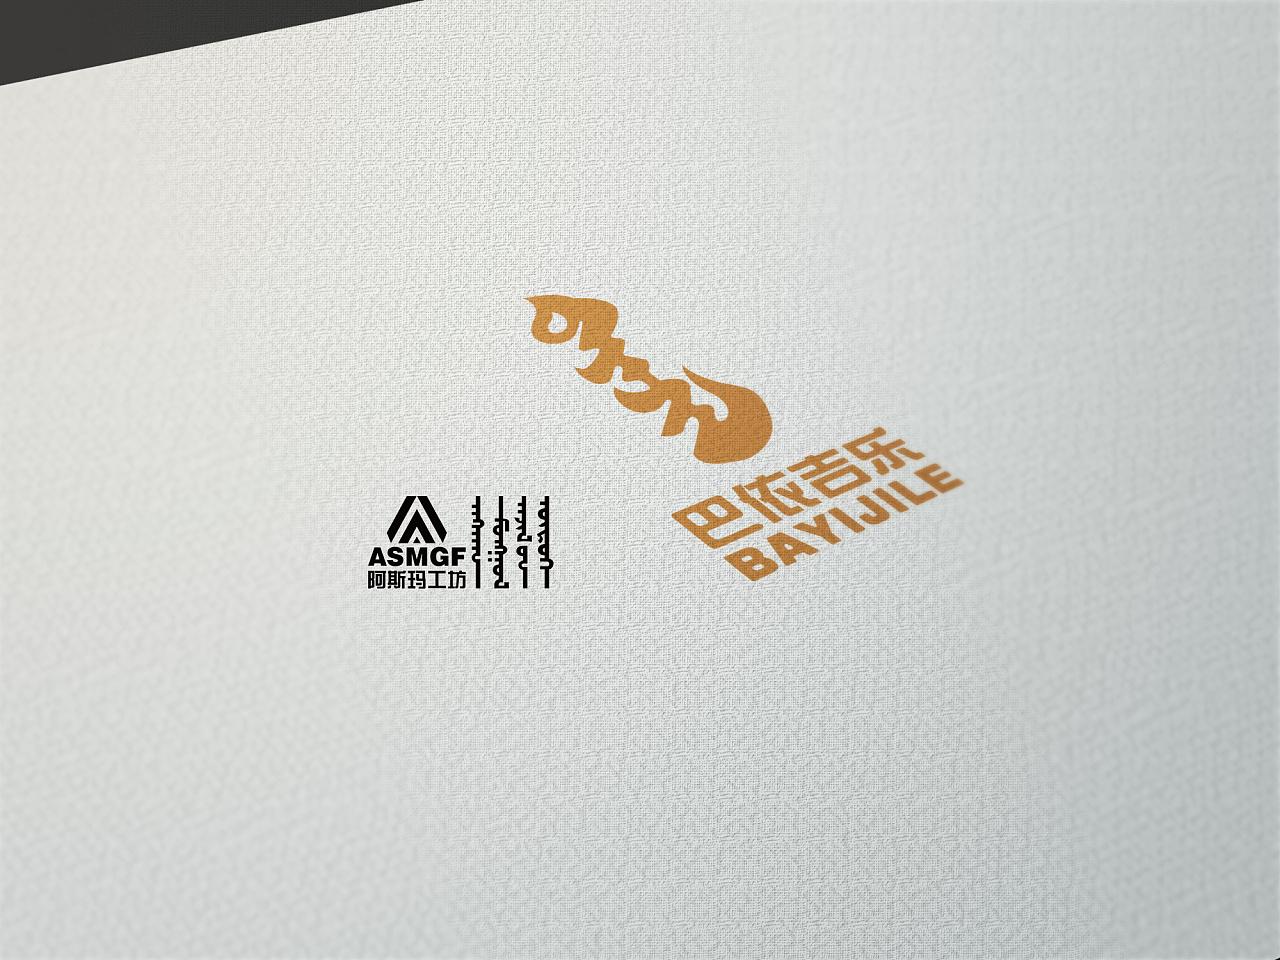 巴依吉乐,蒙古文字logo(阿斯玛设计) 第4张